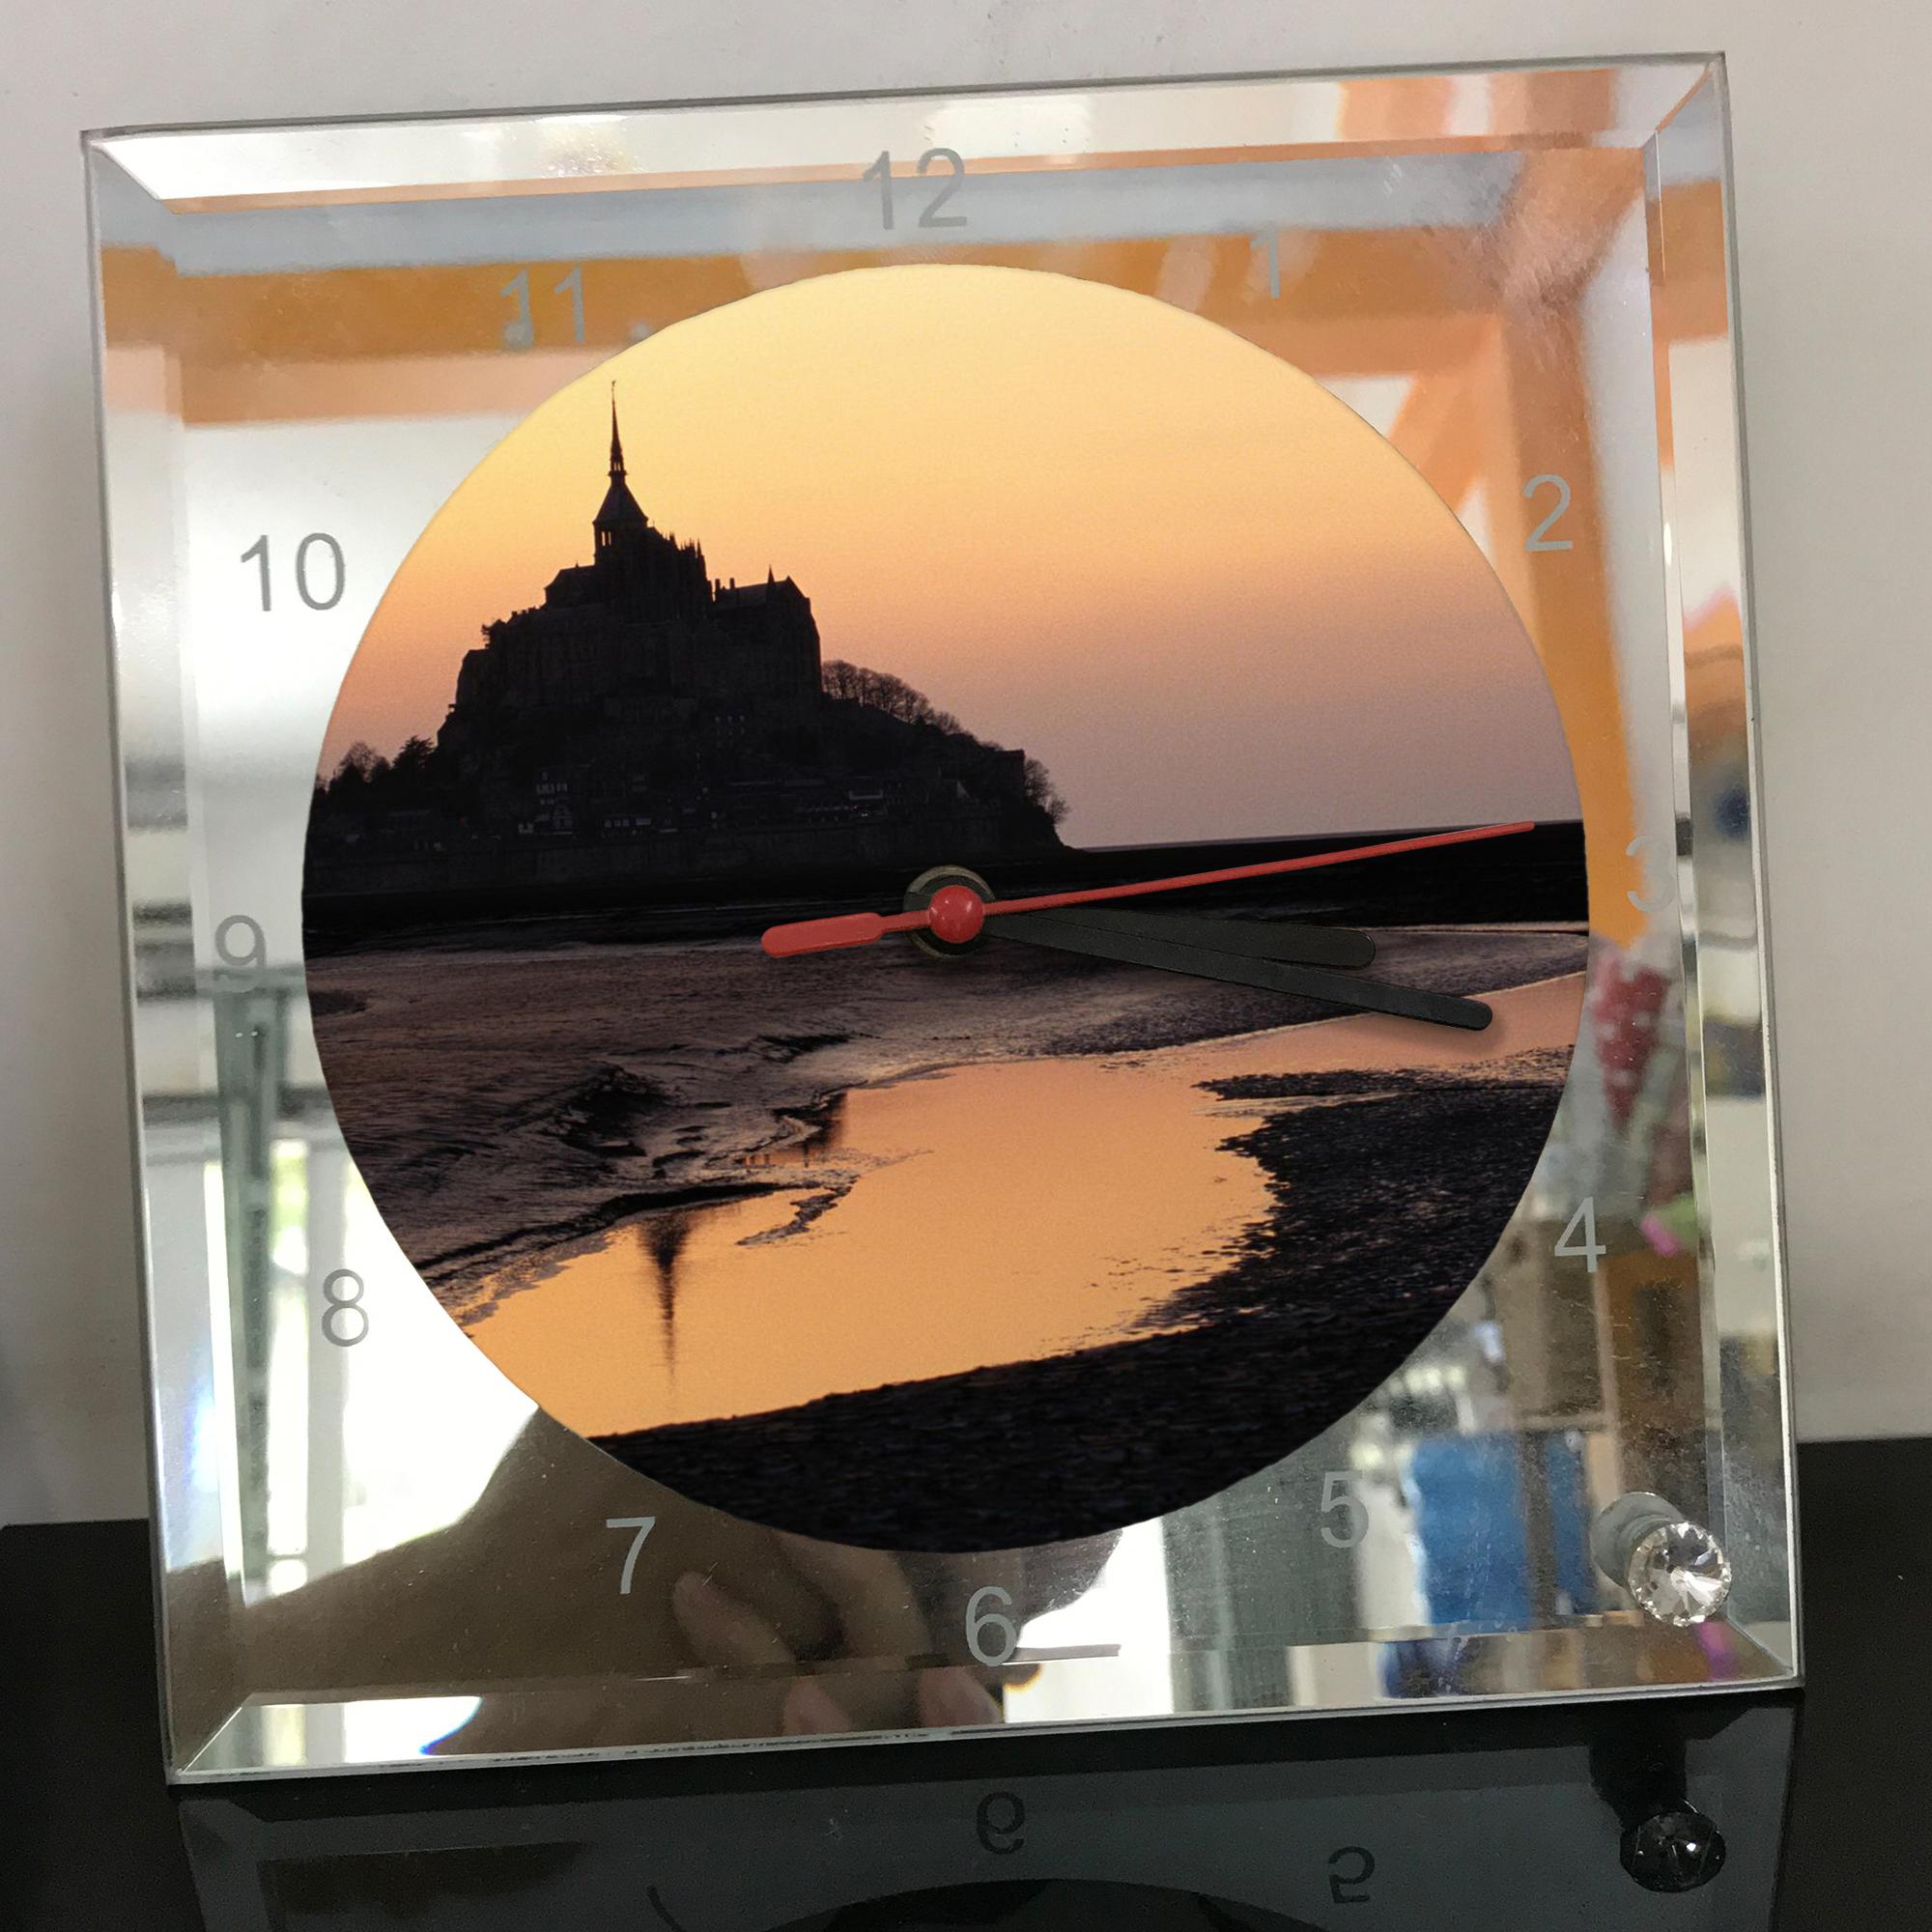 Đồng hồ thủy tinh vuông 20x20 in hình tu viện Mont Saint-Michel (47) . Đồng hồ thủy tinh để bàn trang trí đẹp chủ đề tôn giáo